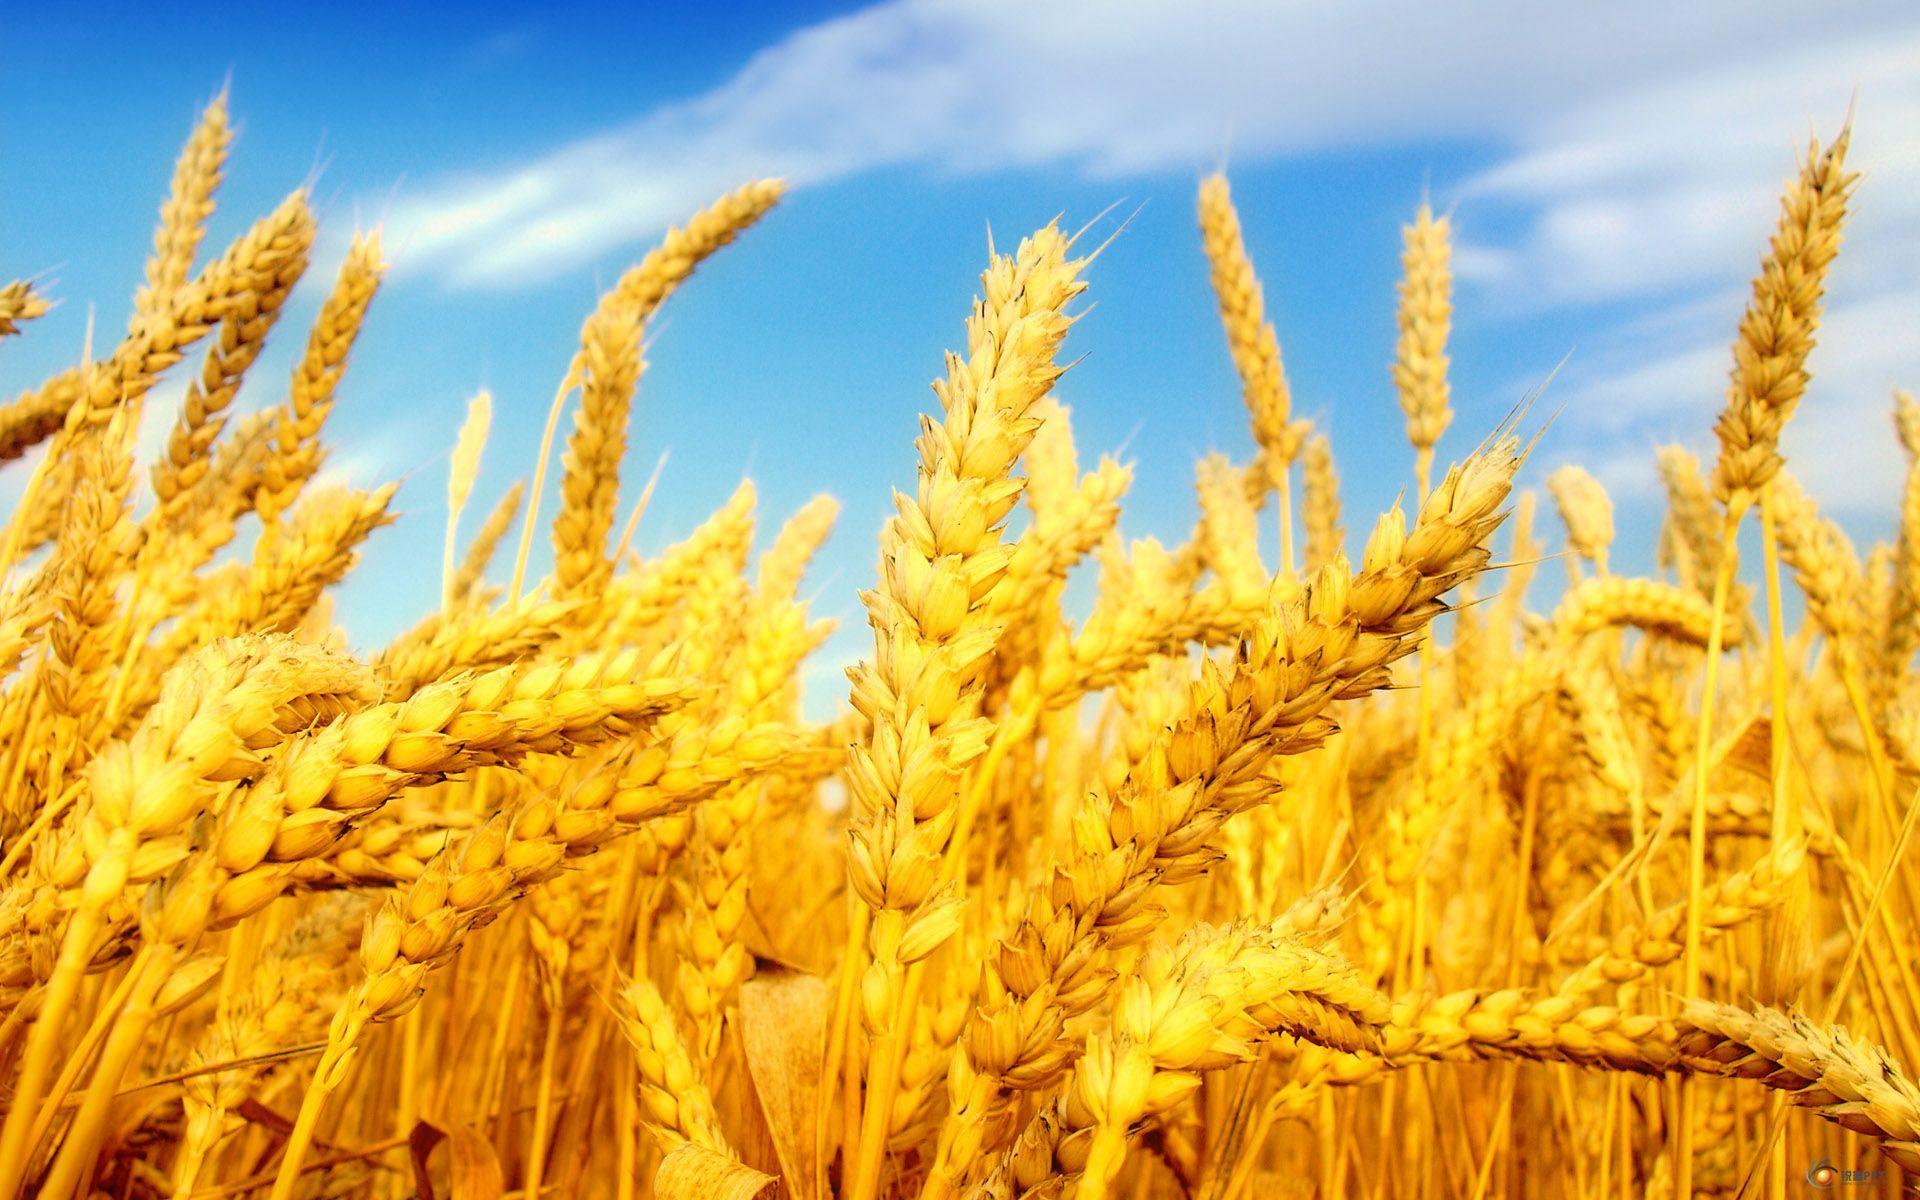 论坛广场 69 ppt素材区 69 图片素材 69 金色的麦子【15张】